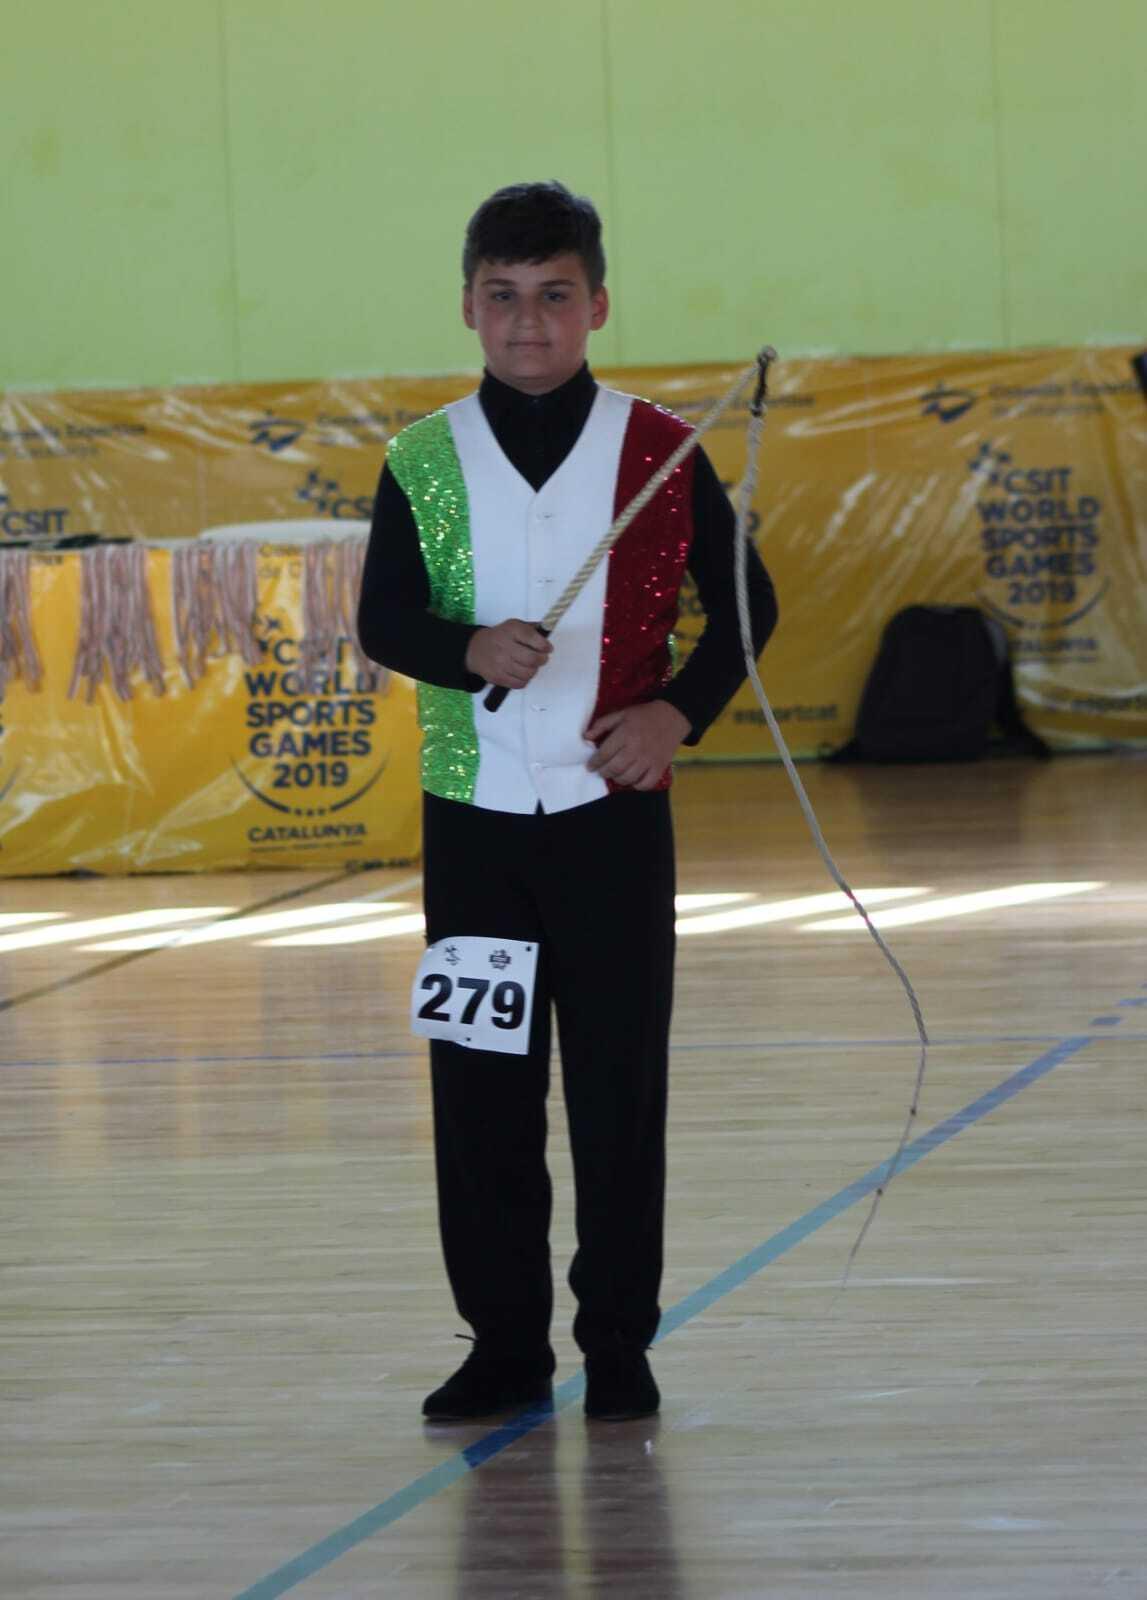 Olimpiadi amatoriali, oro per il bambino di Forlì campione delle fruste